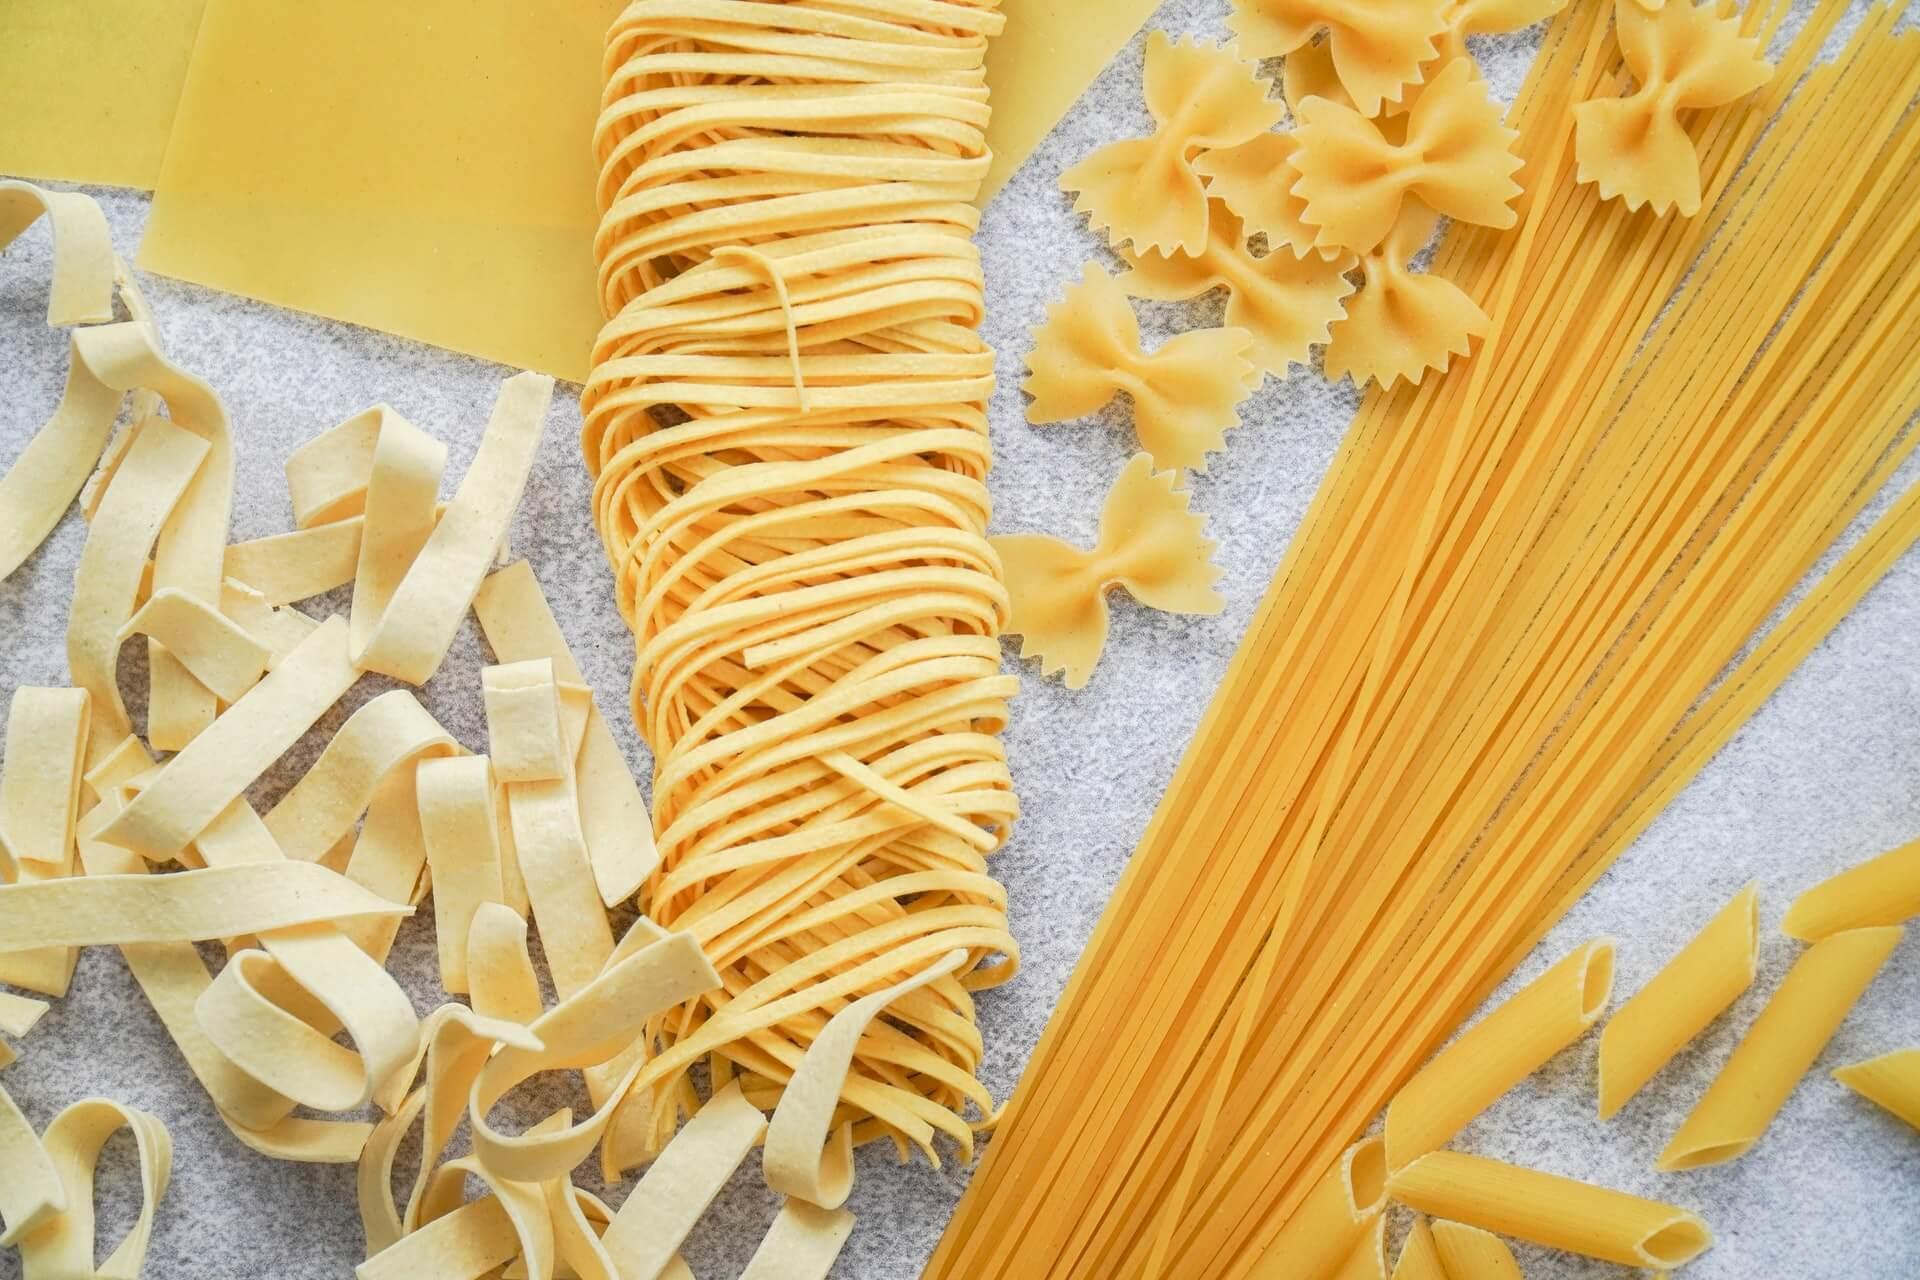 [Zadatak dana] Ako biste tjesteninu mogli jesti triput dnevno, na ovom pitanju ne smijete pogriješiti